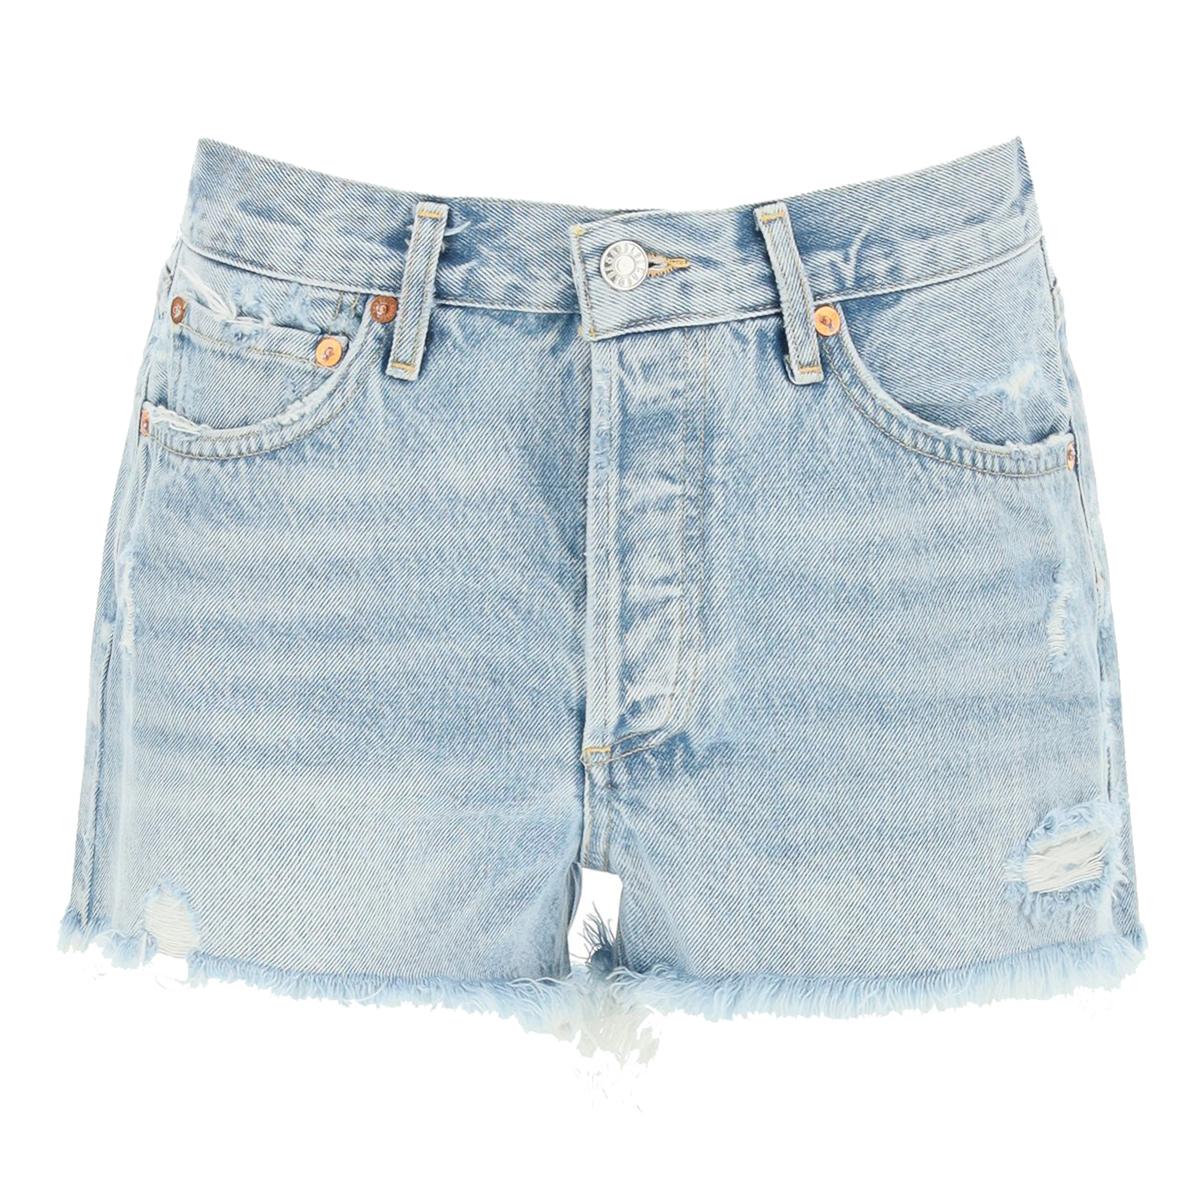 fav denim shorts